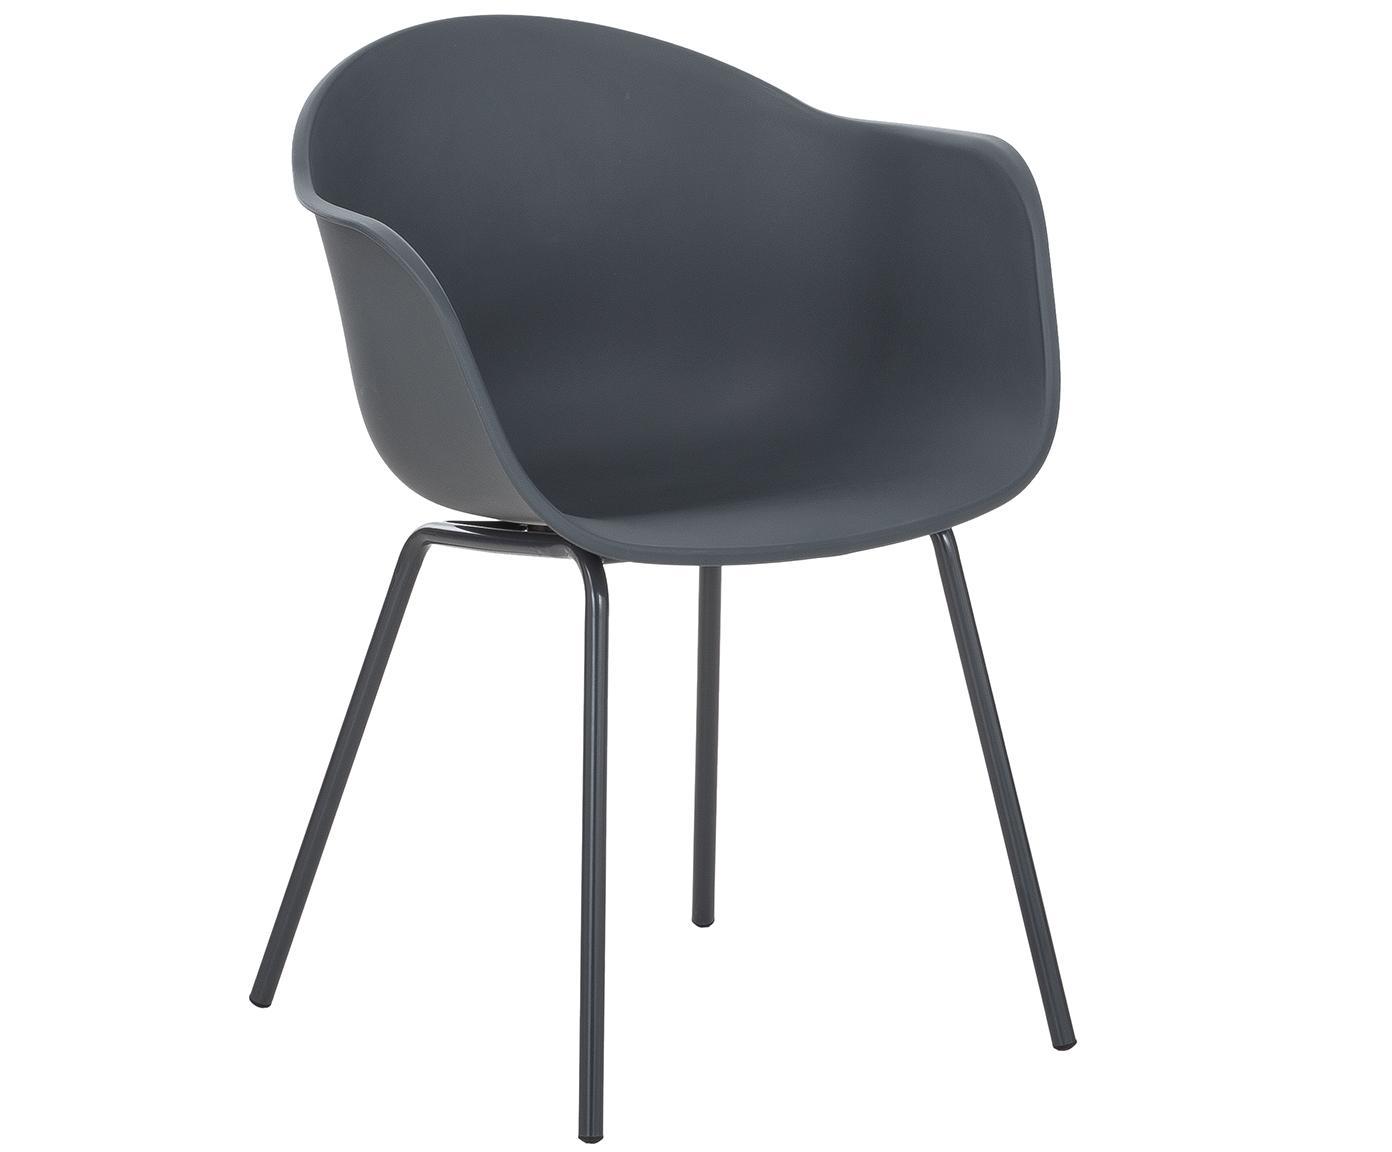 Sedia con braccioli in plastica con gambe in metallo Claire, Seduta: materiale sintetico, Gambe: metallo verniciato a polv, Grigio, Larg. 54 x Prof. 60 cm